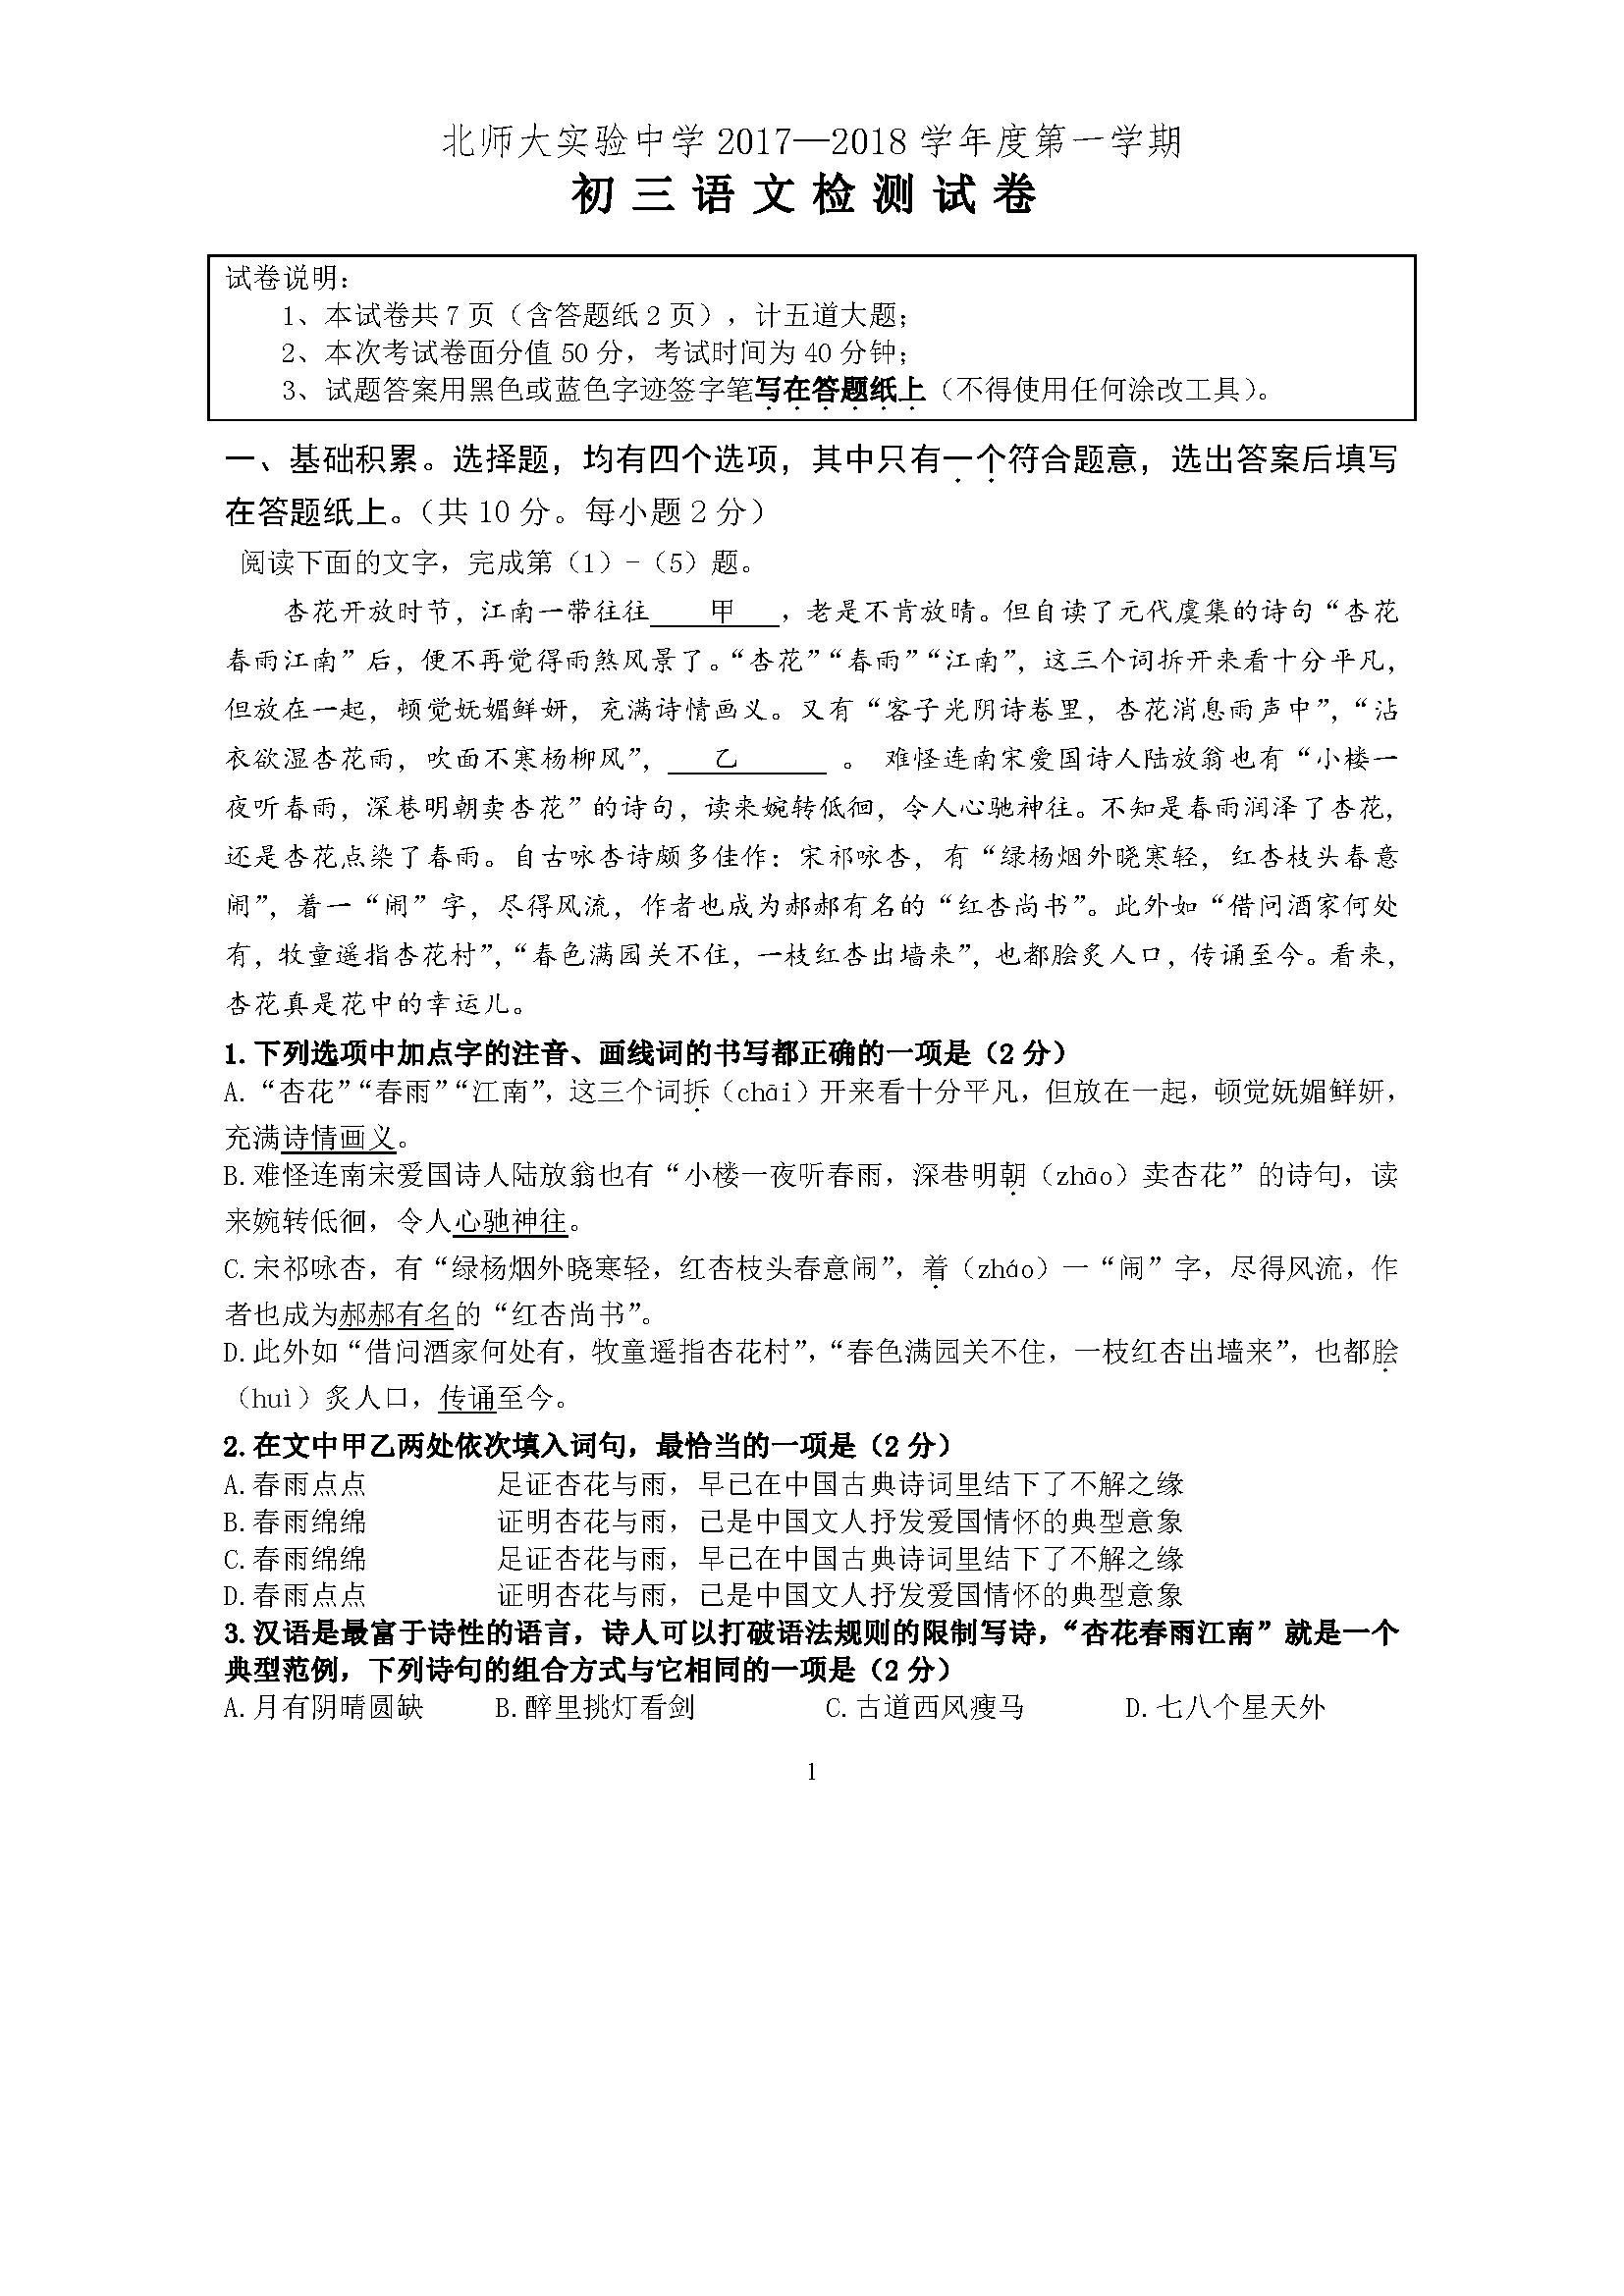 北师大实验中学2017-2018第一学期初三语文9月检测试卷(图片版)